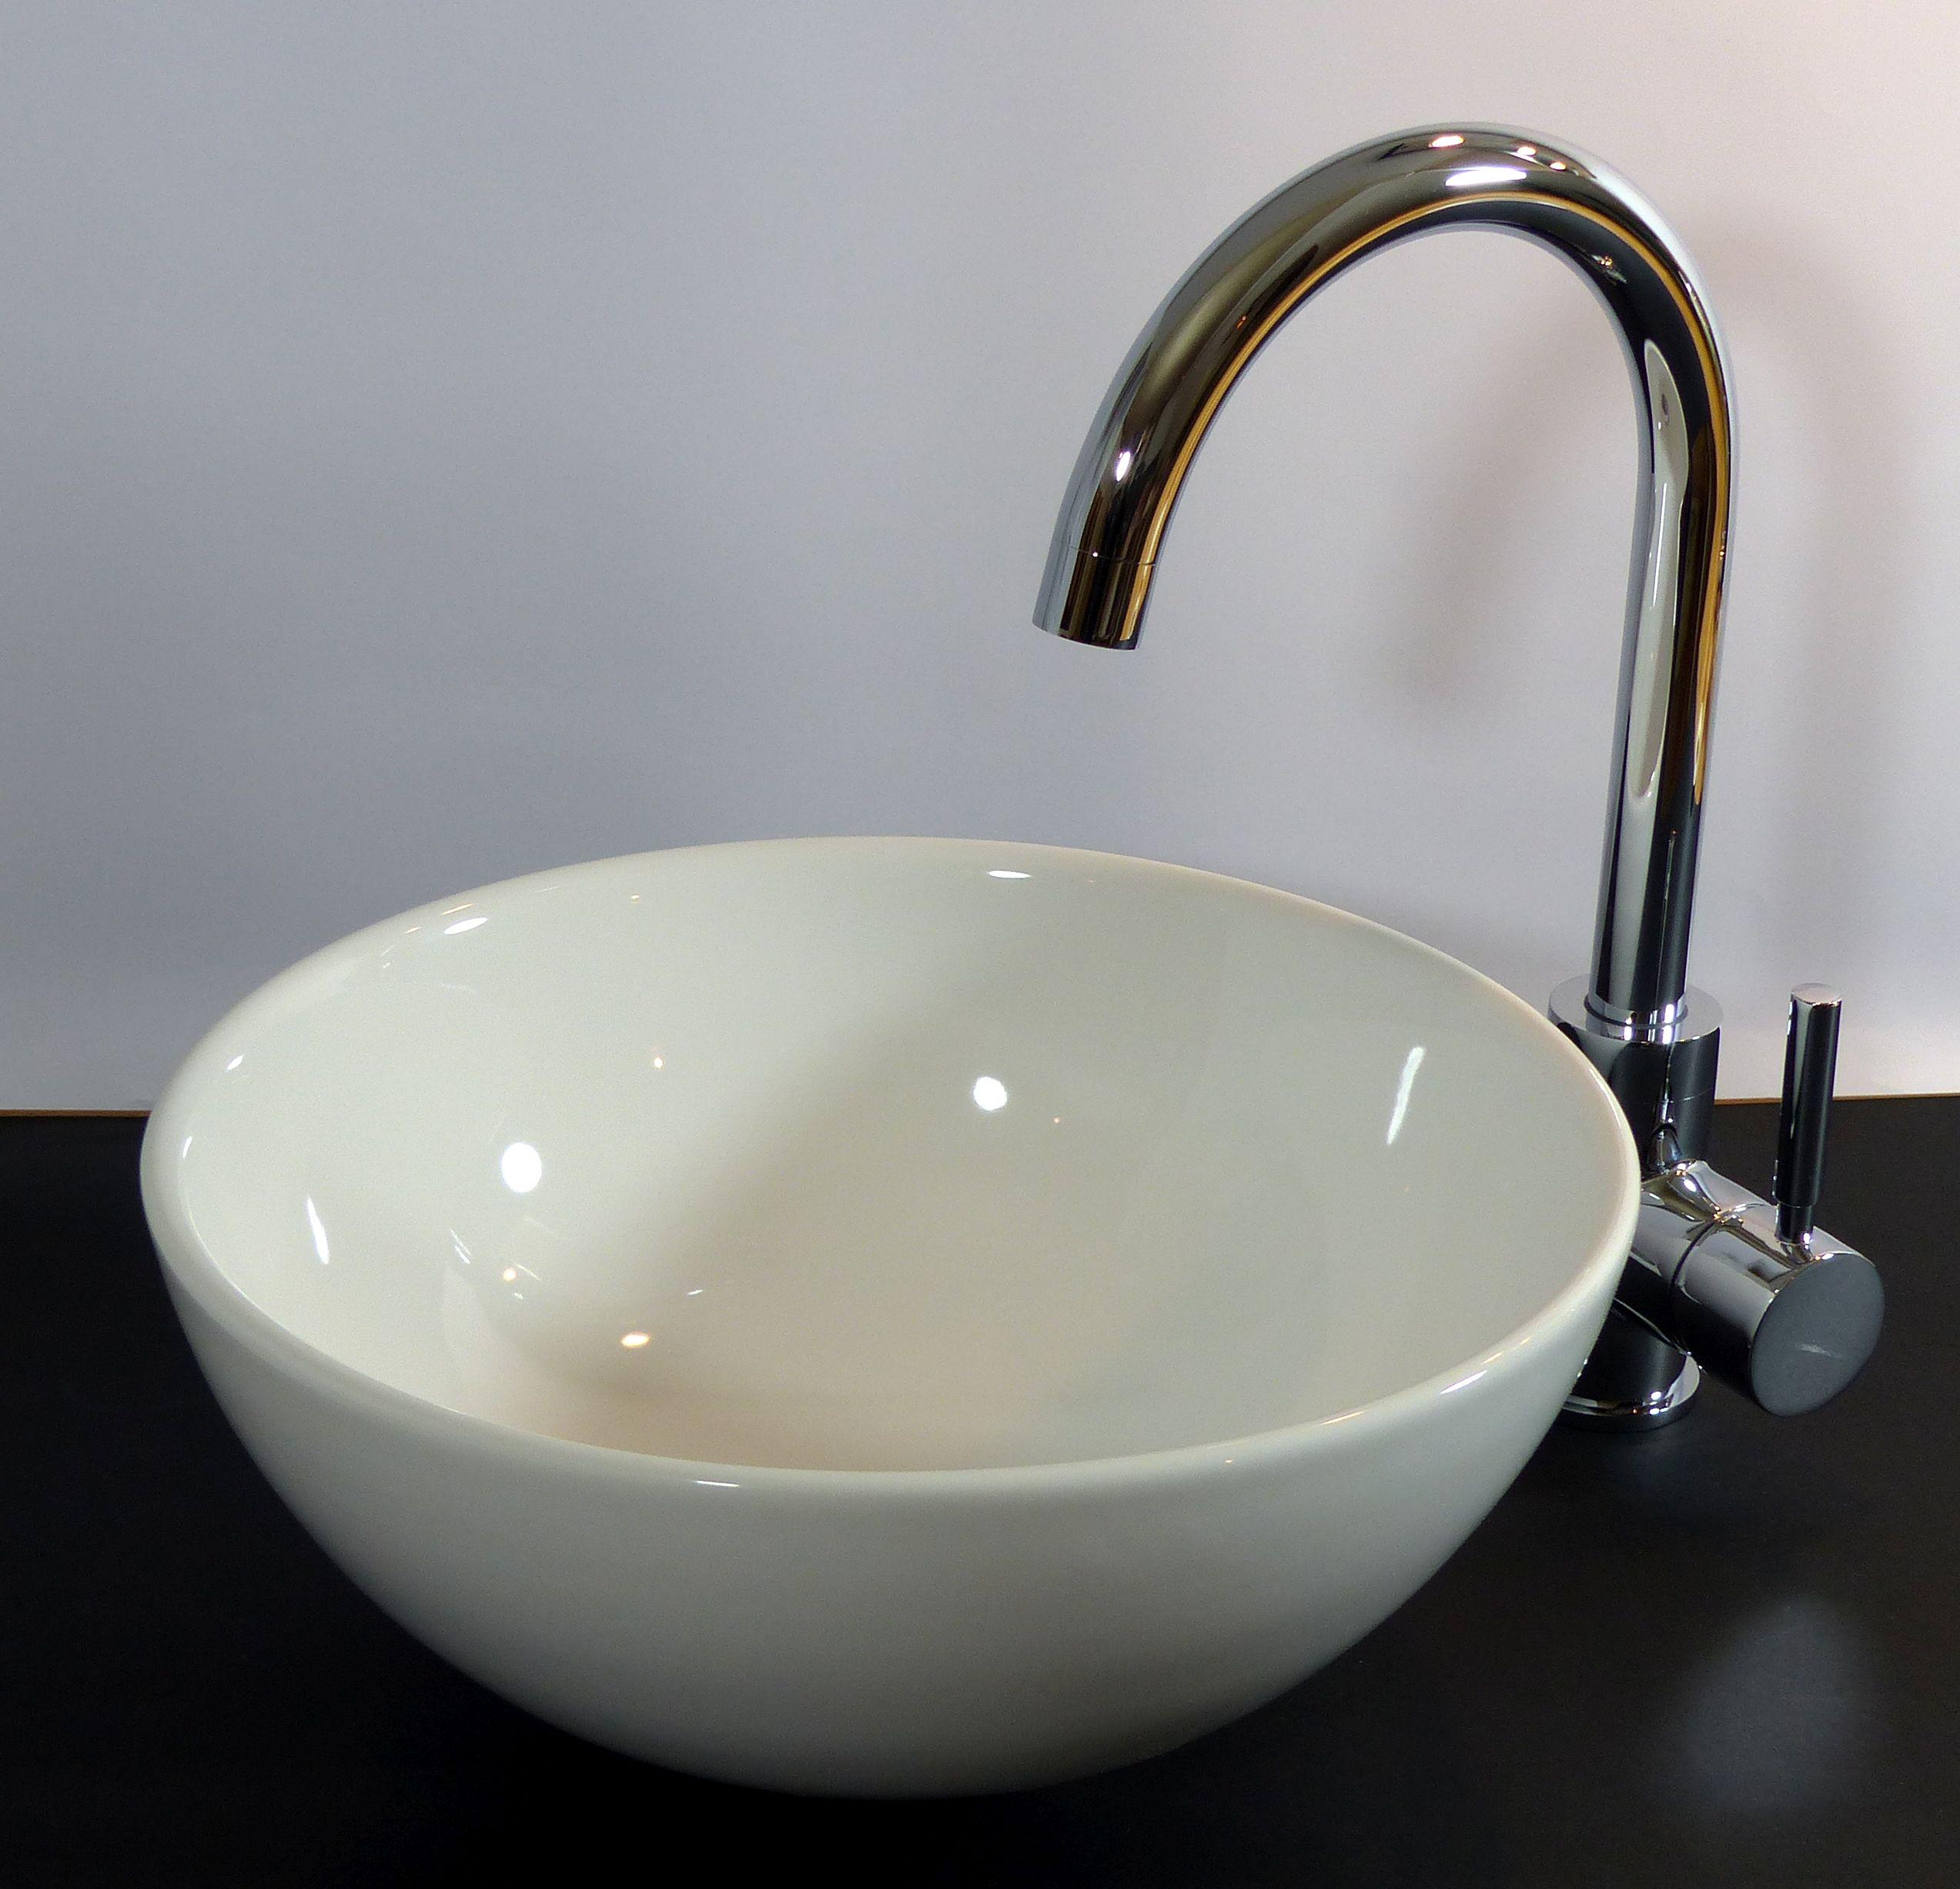 Waschbecken rund aufsatz  Nero Badshop | Keramik Aufsatz Waschbecken rund 32cm | online kaufen